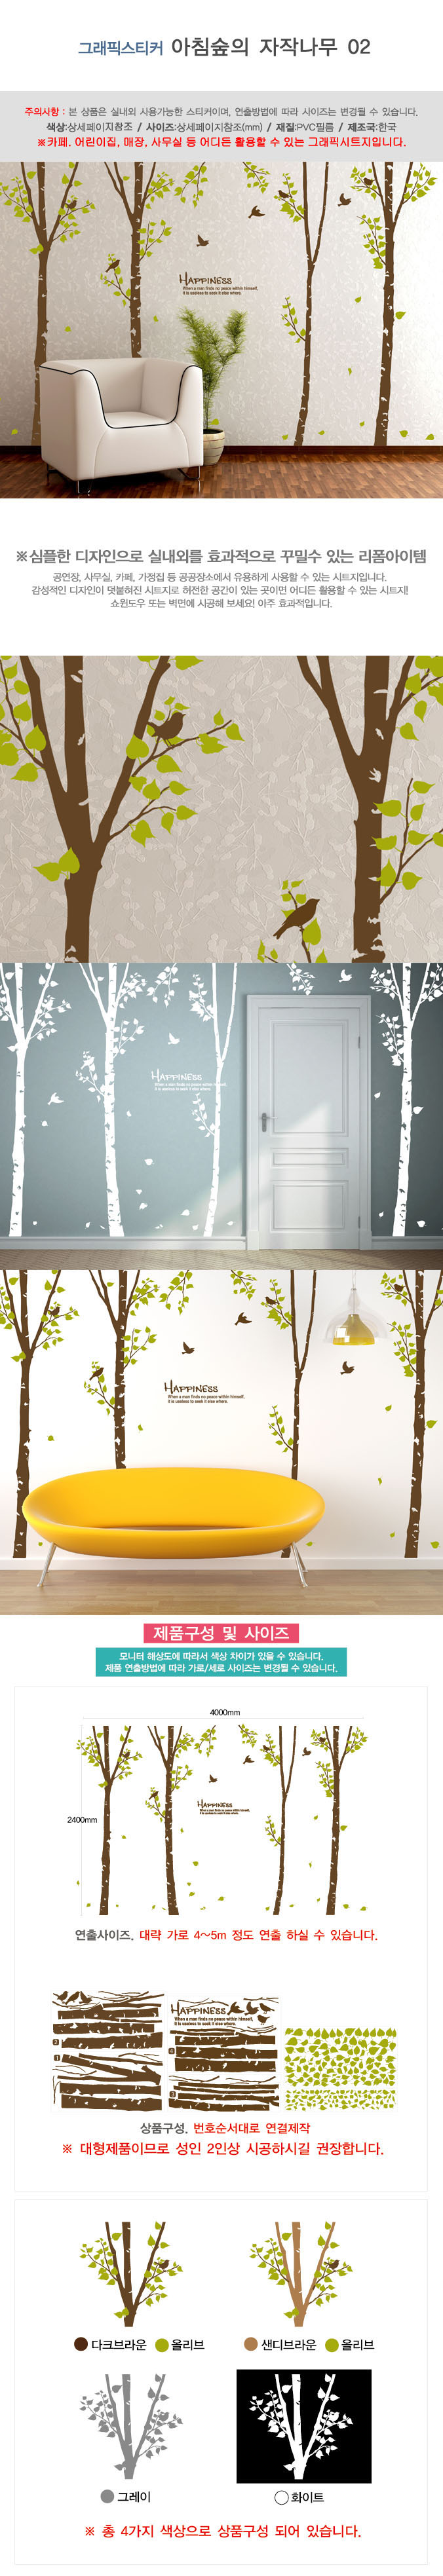 그래픽스티커_아침숲의 자작나무 02 - 뭉키, 59,200원, 벽지/시트지, 플라워 시트